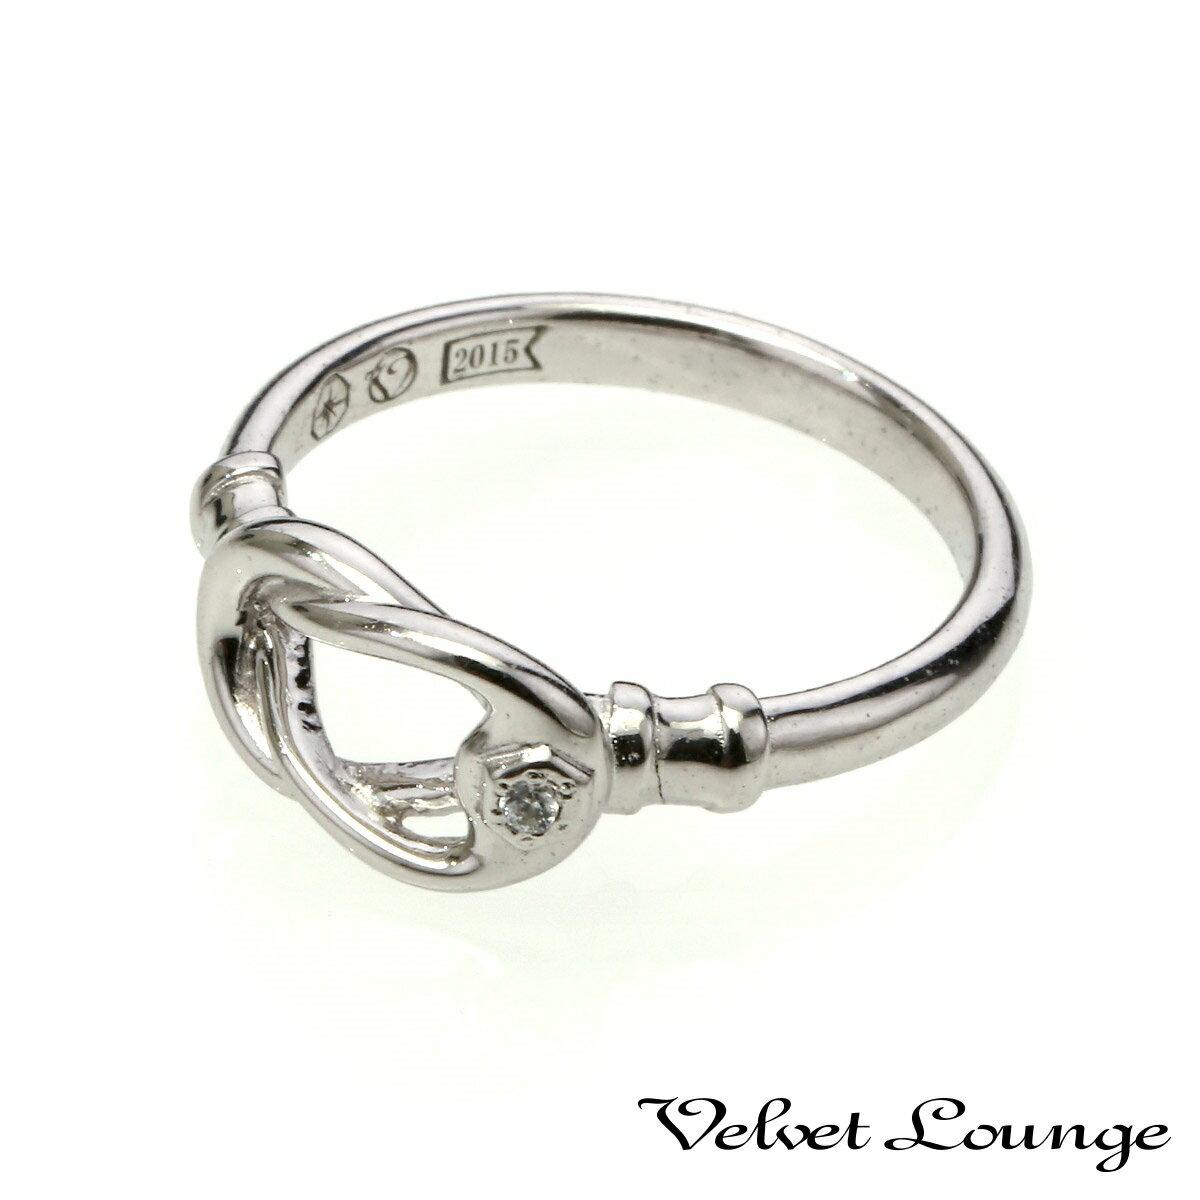 ヴェルヴェットラウンジ【Velvet Lounge】Curved hook カーブドフックリング/ホワイト/ホワイトキュービックジルコニア